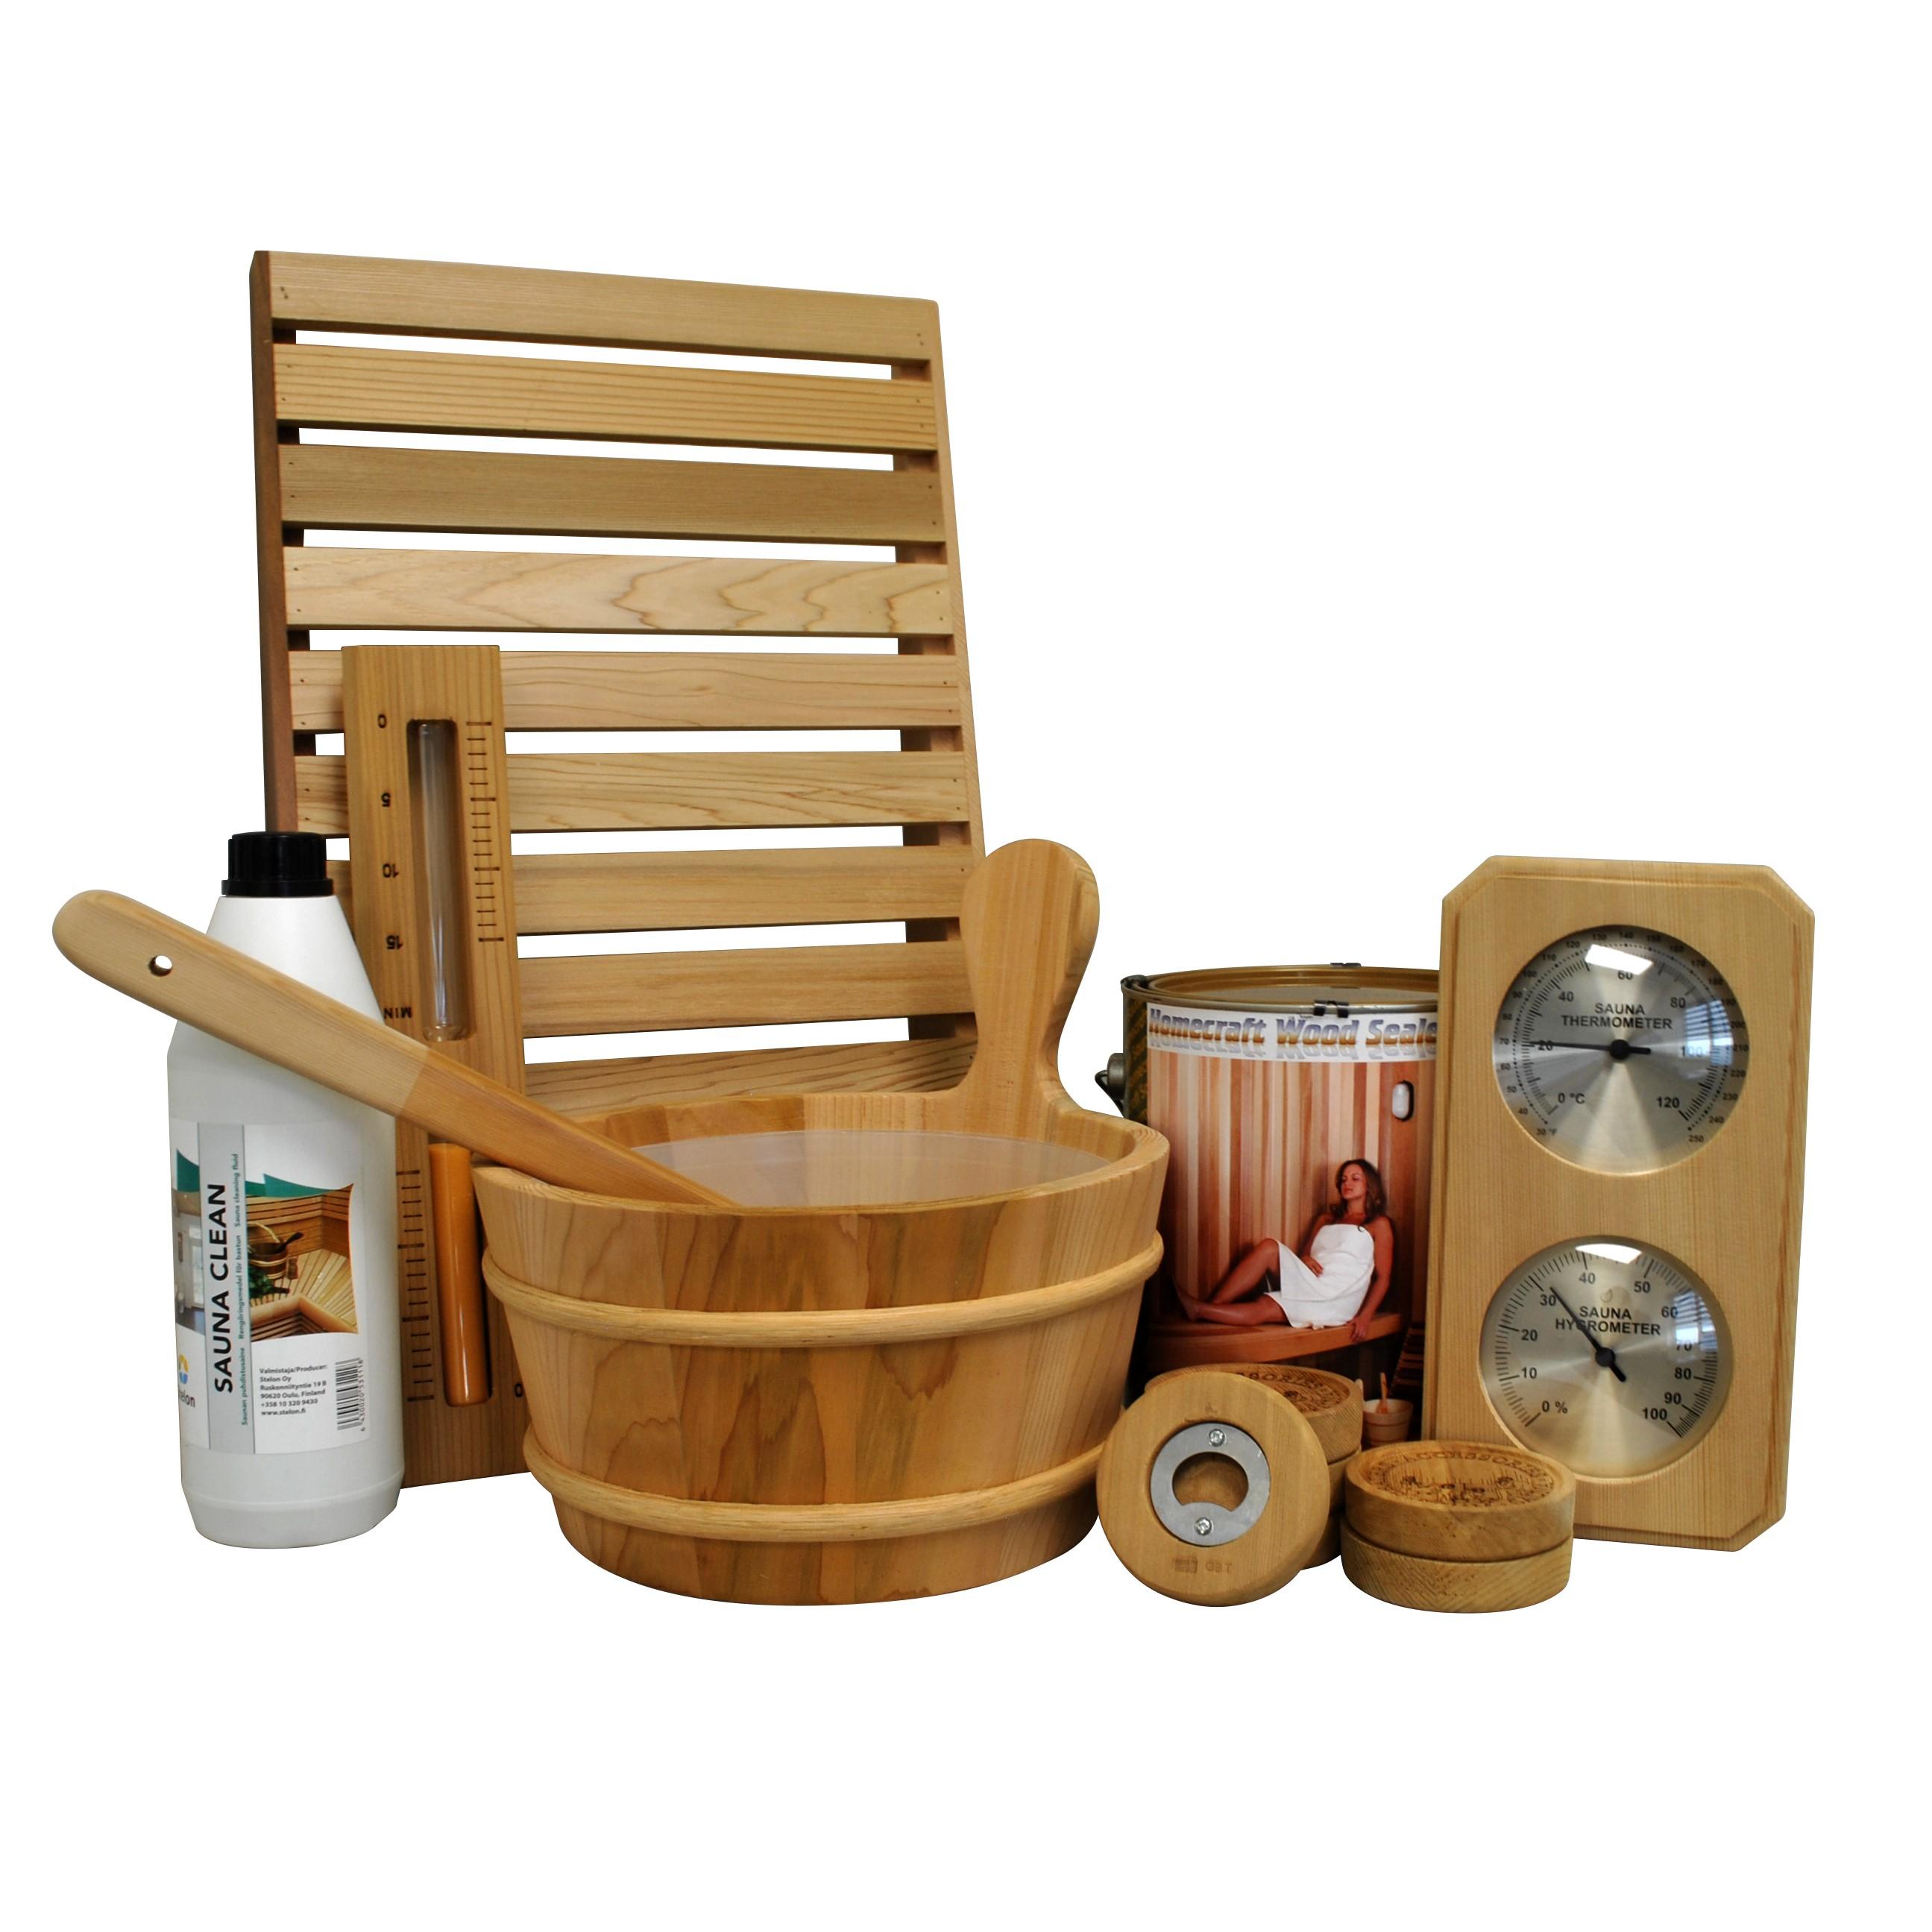 Cedar sauna accessory kit